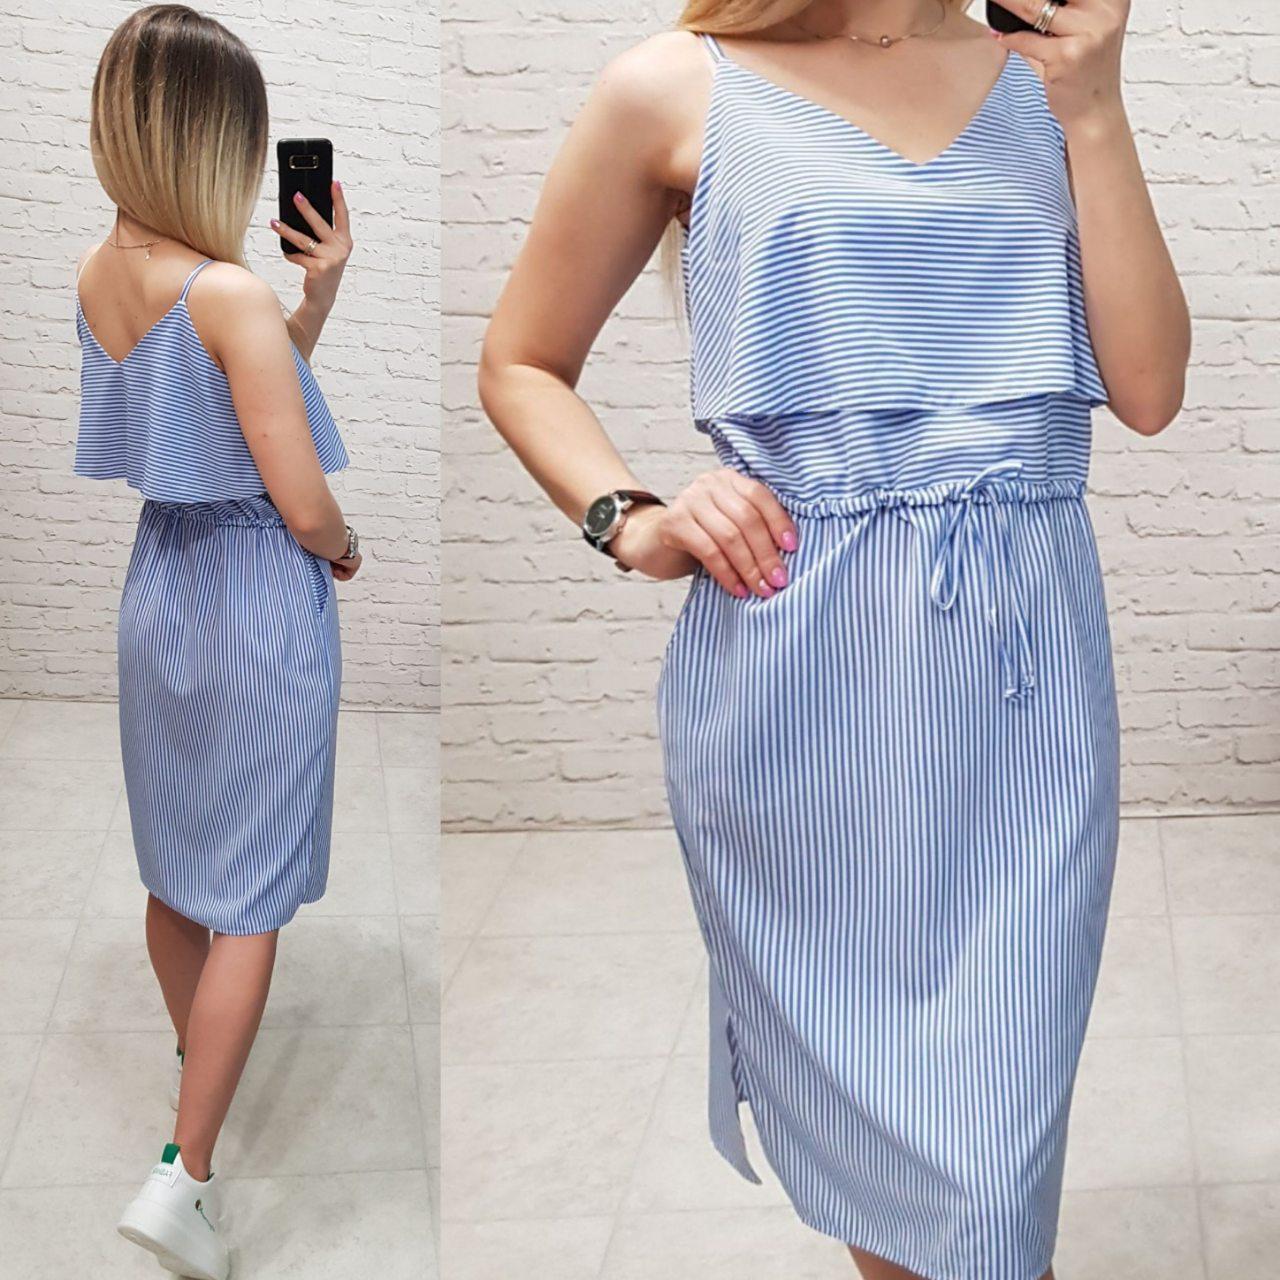 2dde809024d Платье   сарафан летнее на бретелях арт. 163 голубой в полоску - Интернет  магазин женской